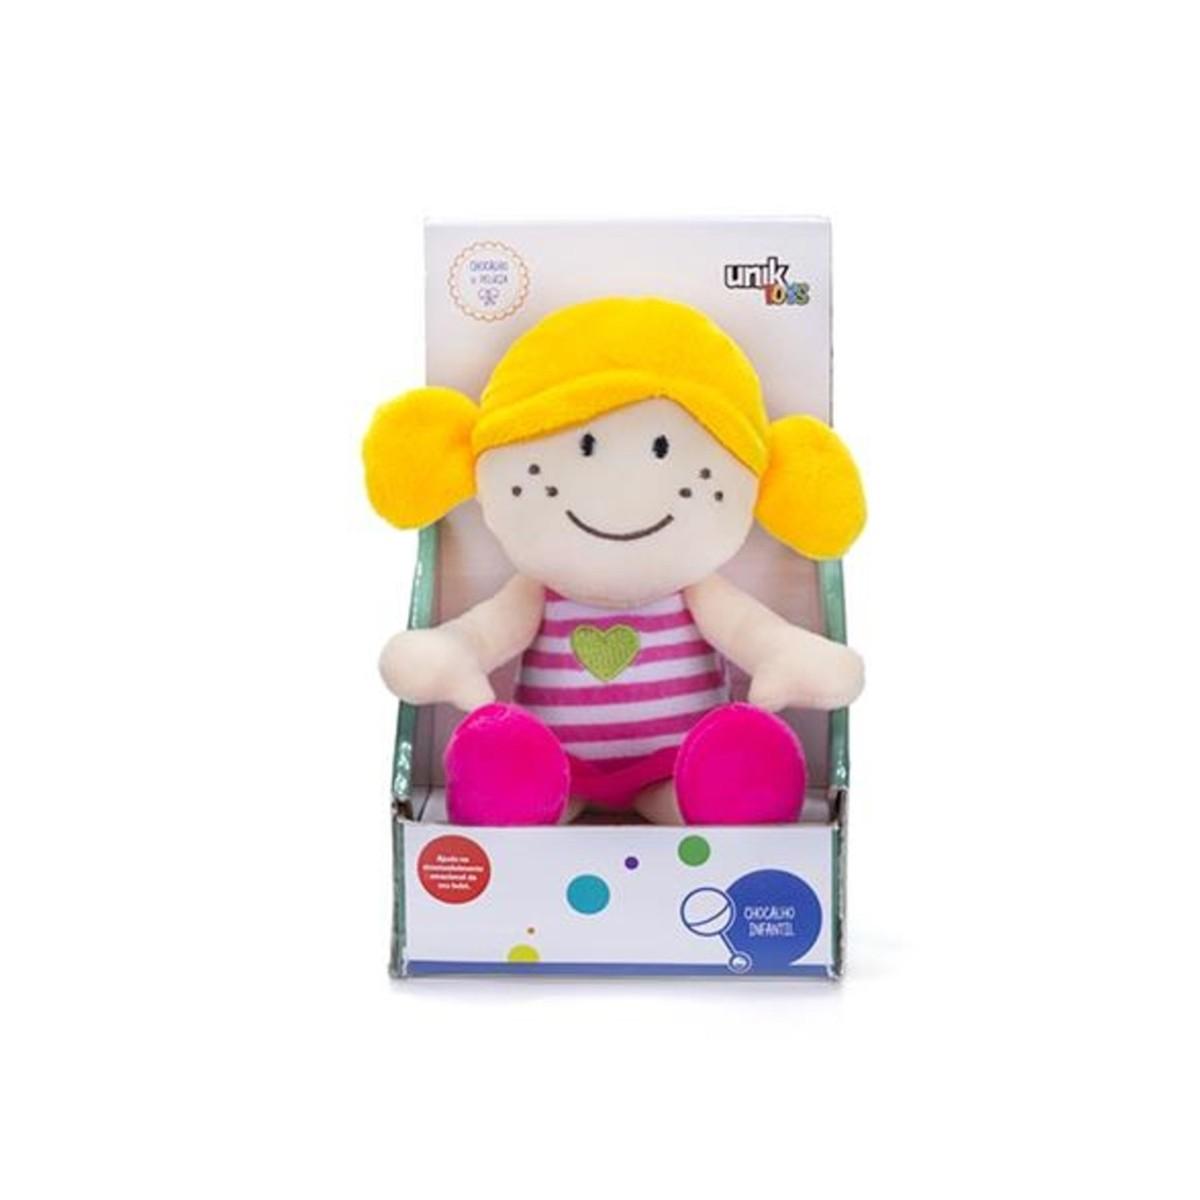 Boneca Pelúcia com Chocalho Unik Toys